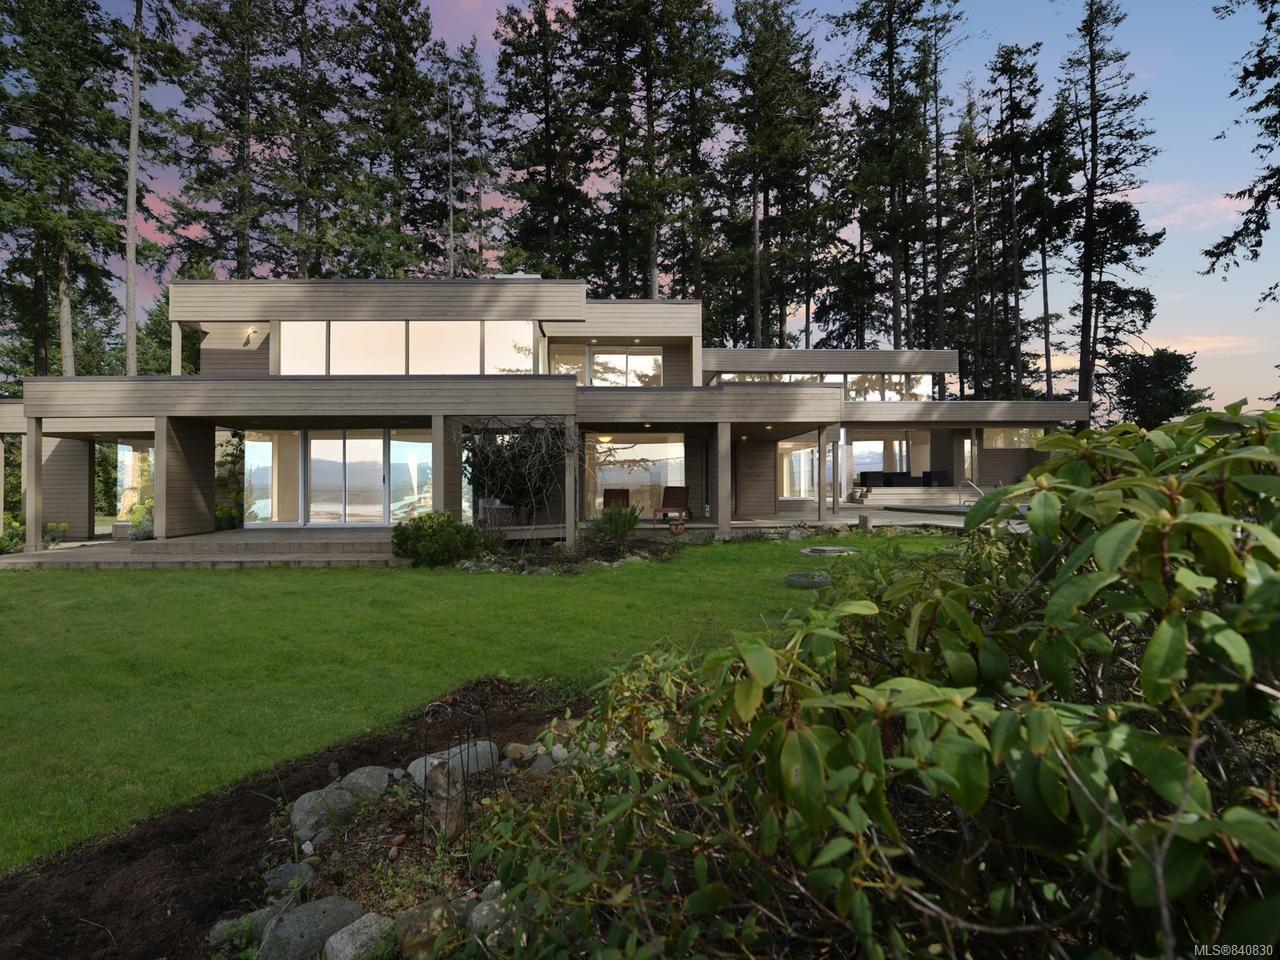 Photo 3: Photos: 1156 Moore Rd in COMOX: CV Comox Peninsula House for sale (Comox Valley)  : MLS®# 840830